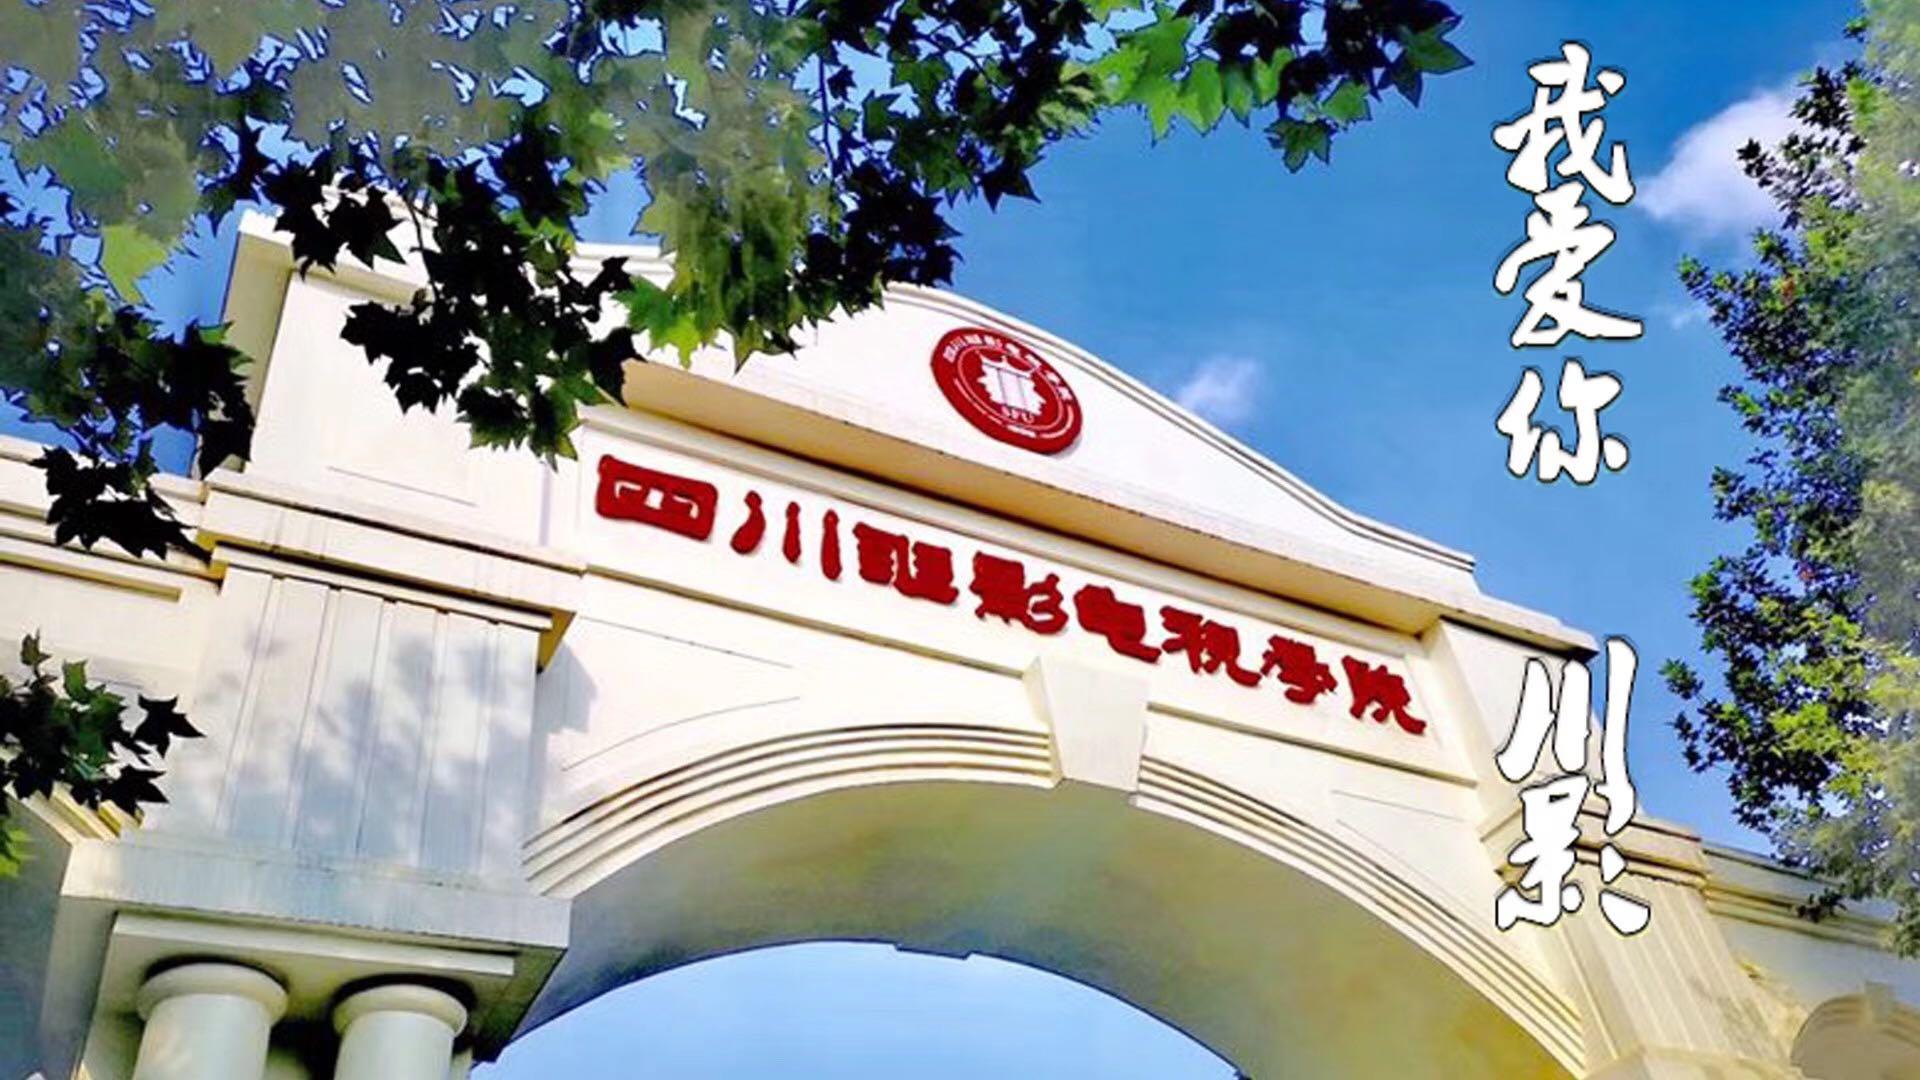 四川电影电视学院2020年招生简章